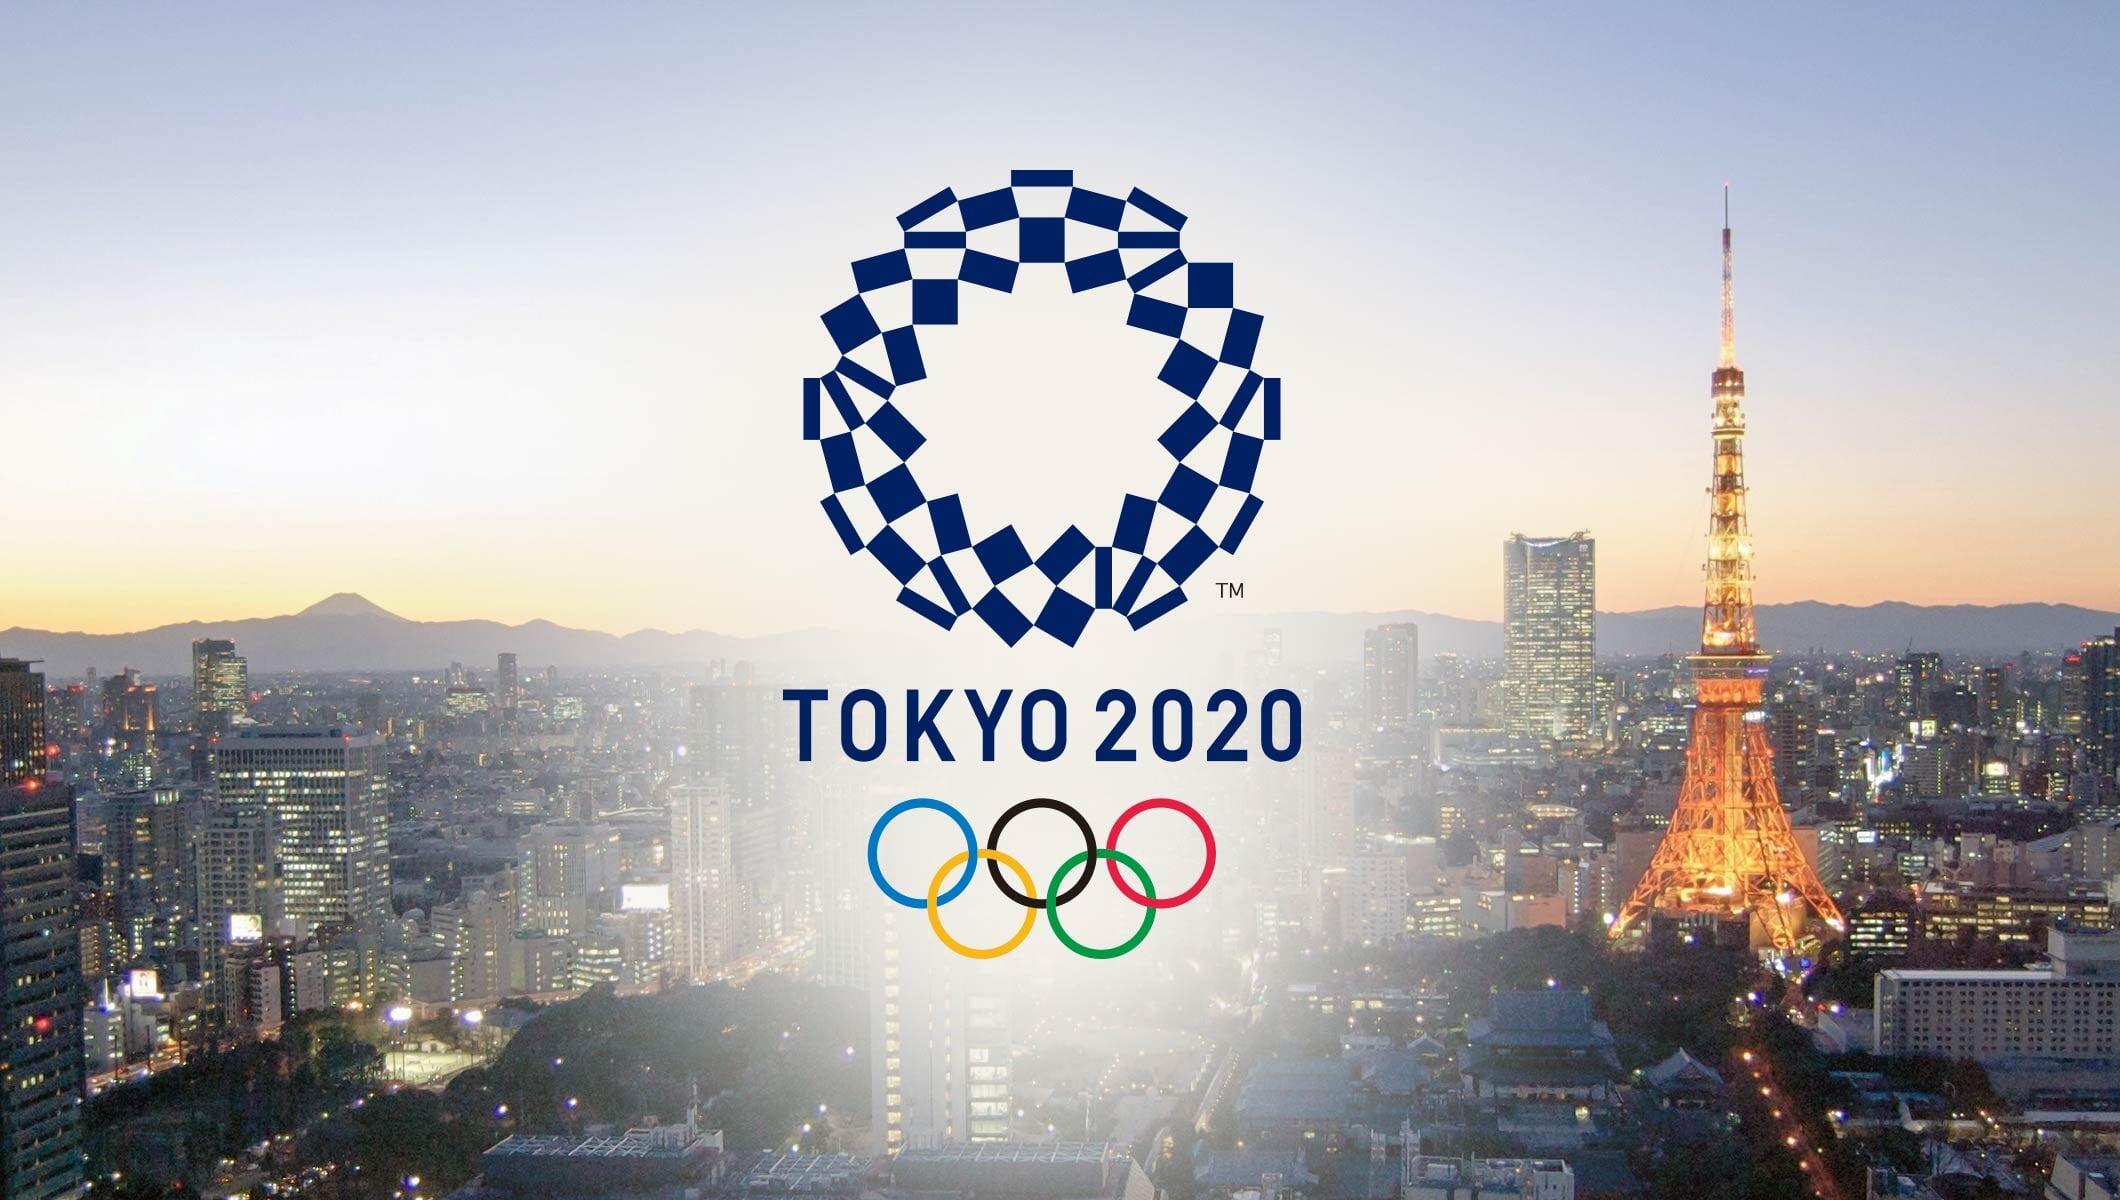 В Токио прошла церемония открытия Олимпийских игр-2020